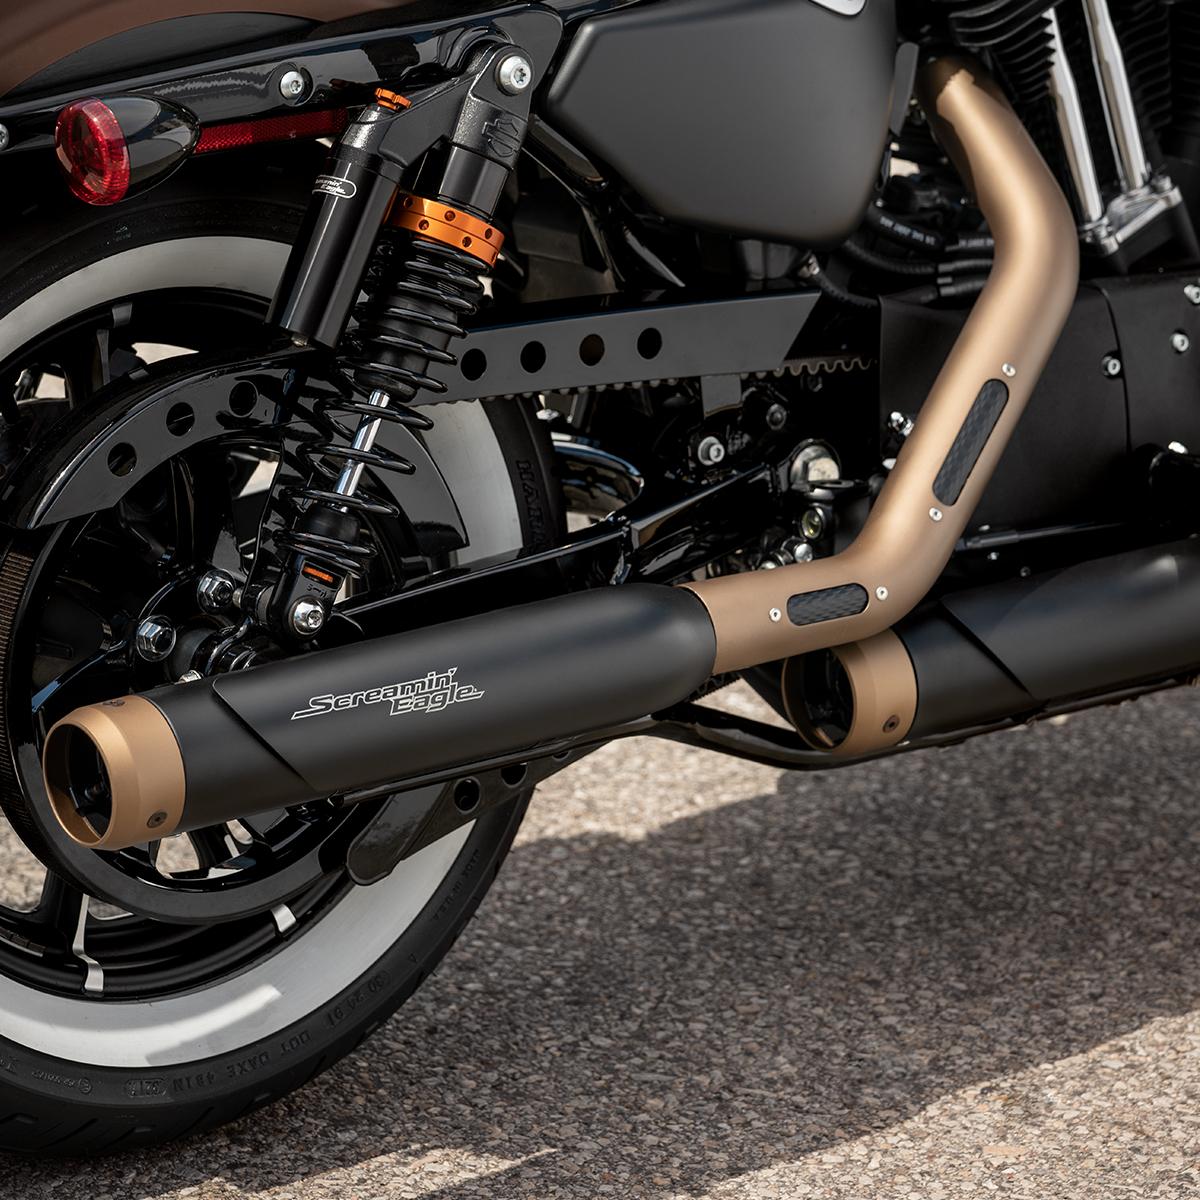 Motocicleta 2019 Iron 883